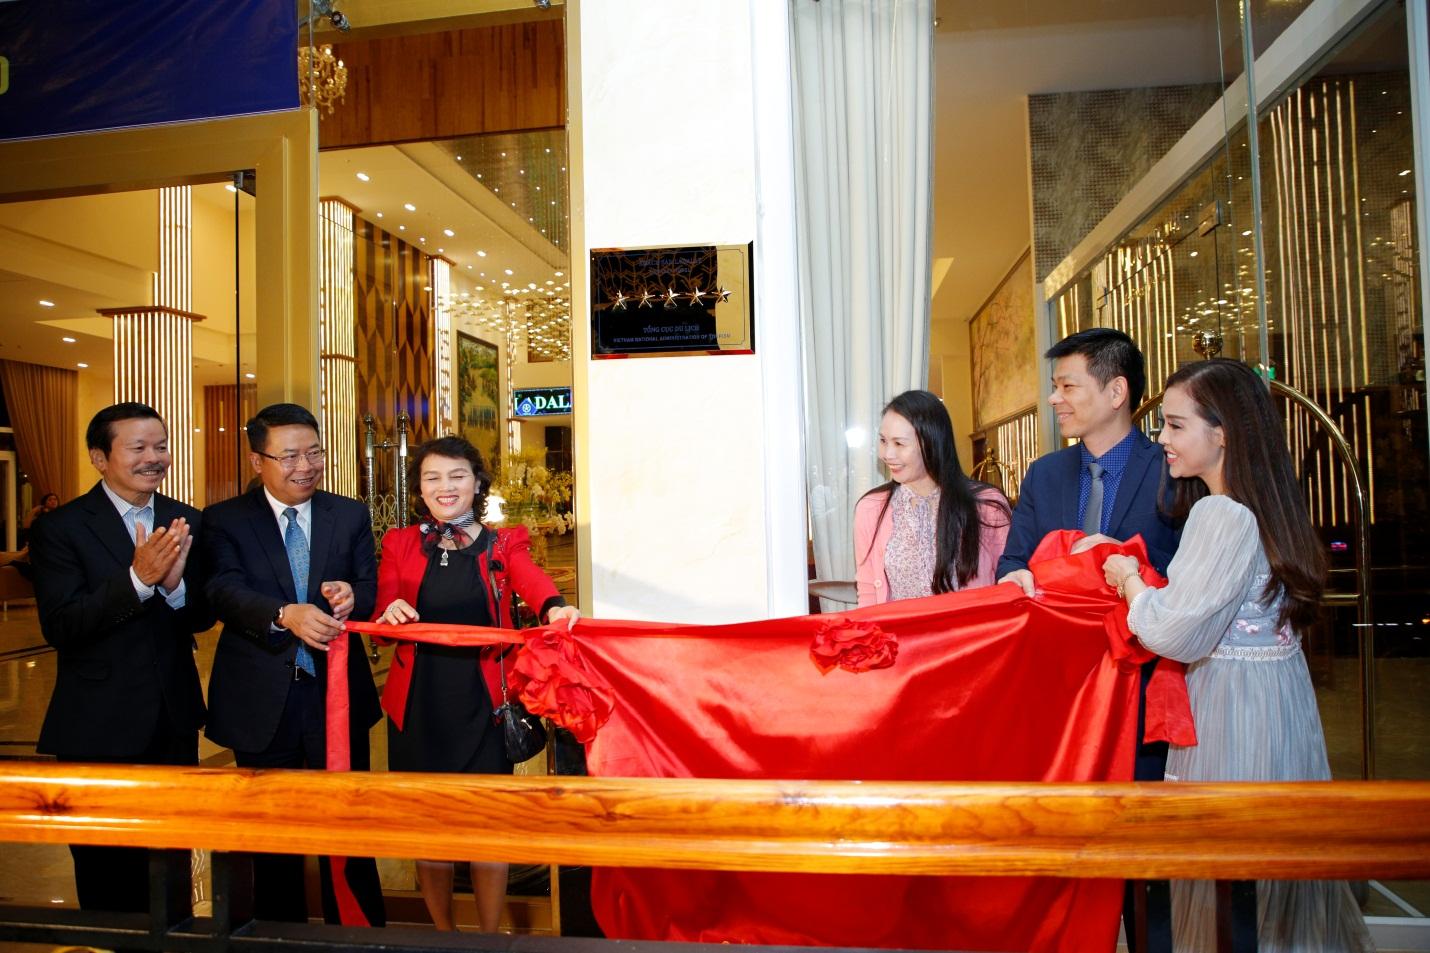 Khách sạn Ladalat chính thức được công nhận là khách sạn 5 sao - Ảnh 3.